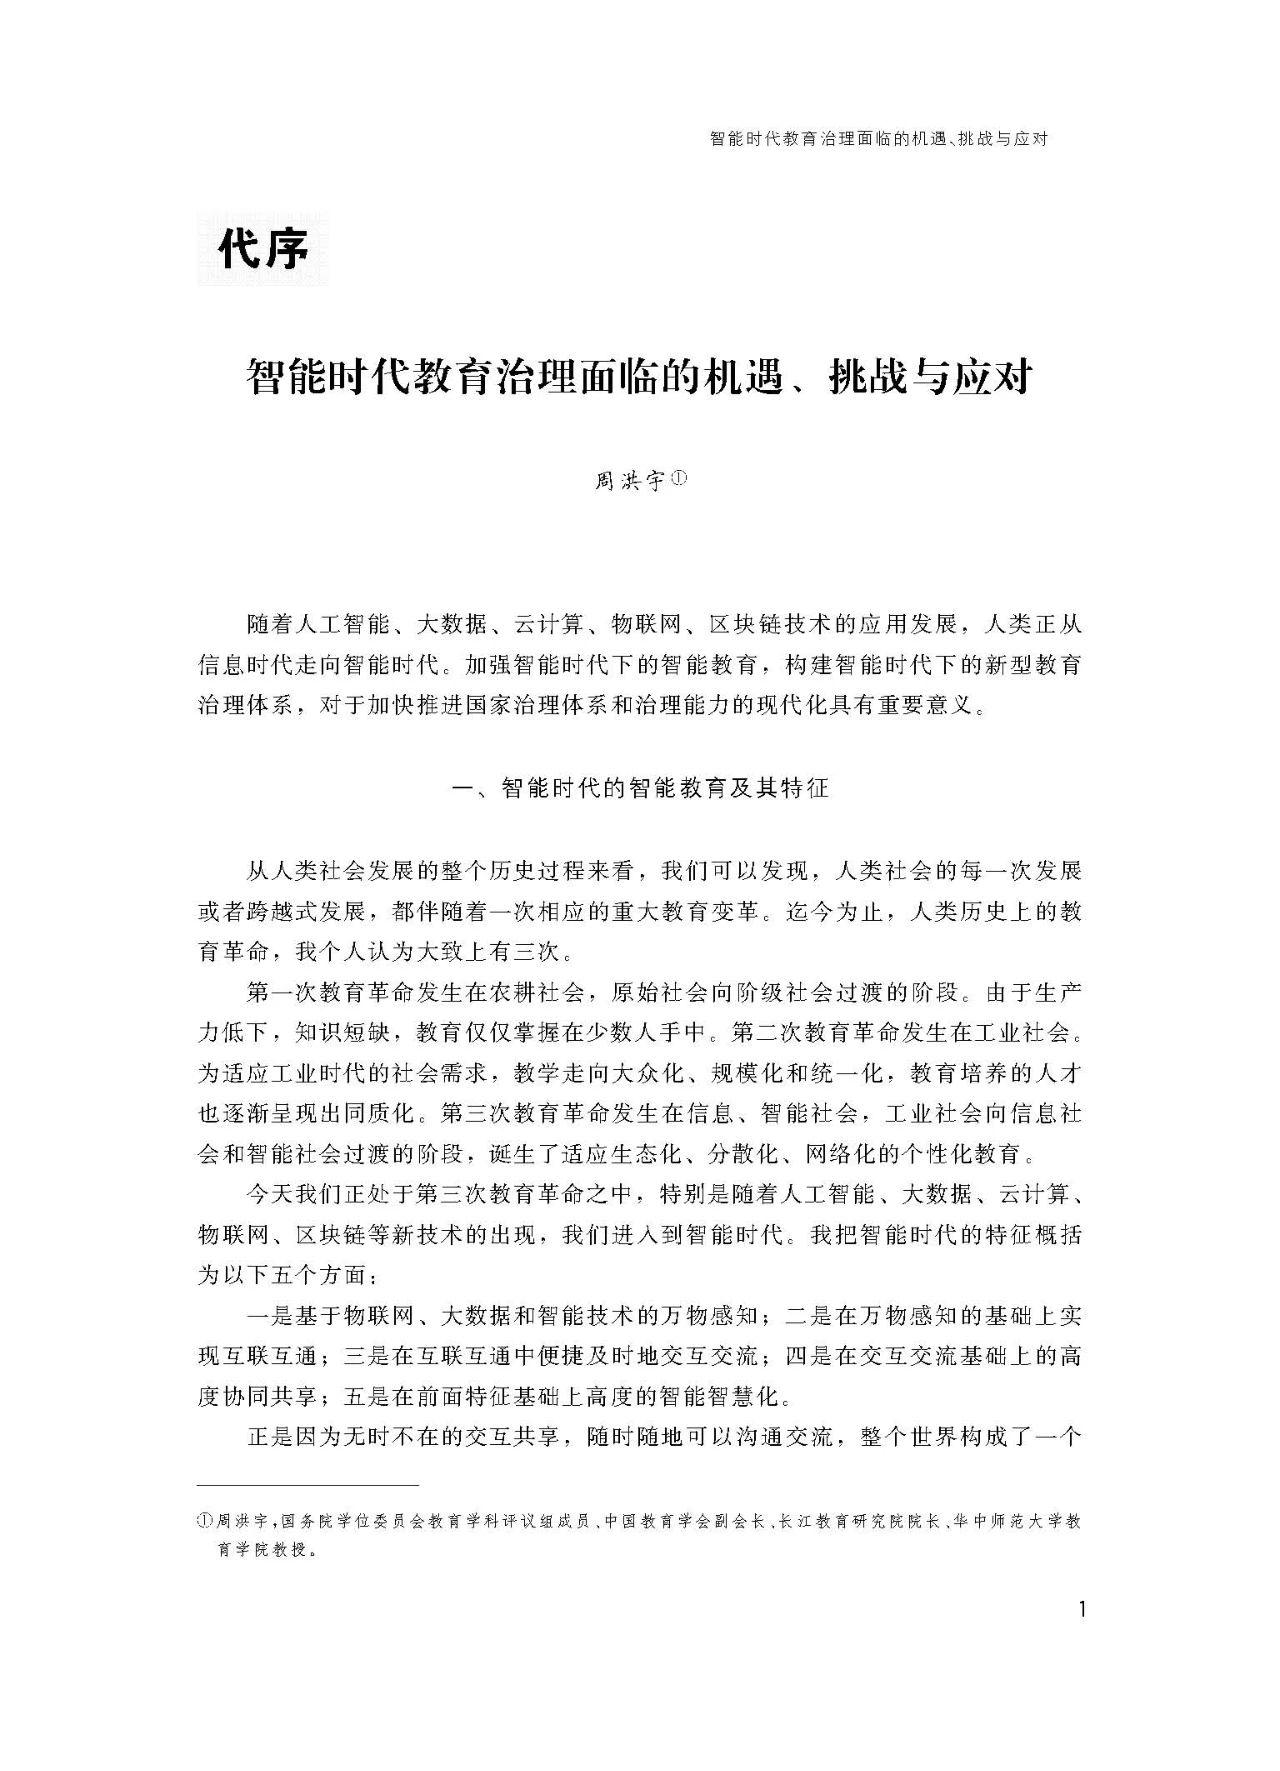 周洪宇:智能时代教育治理面临的机遇、 挑战与应对